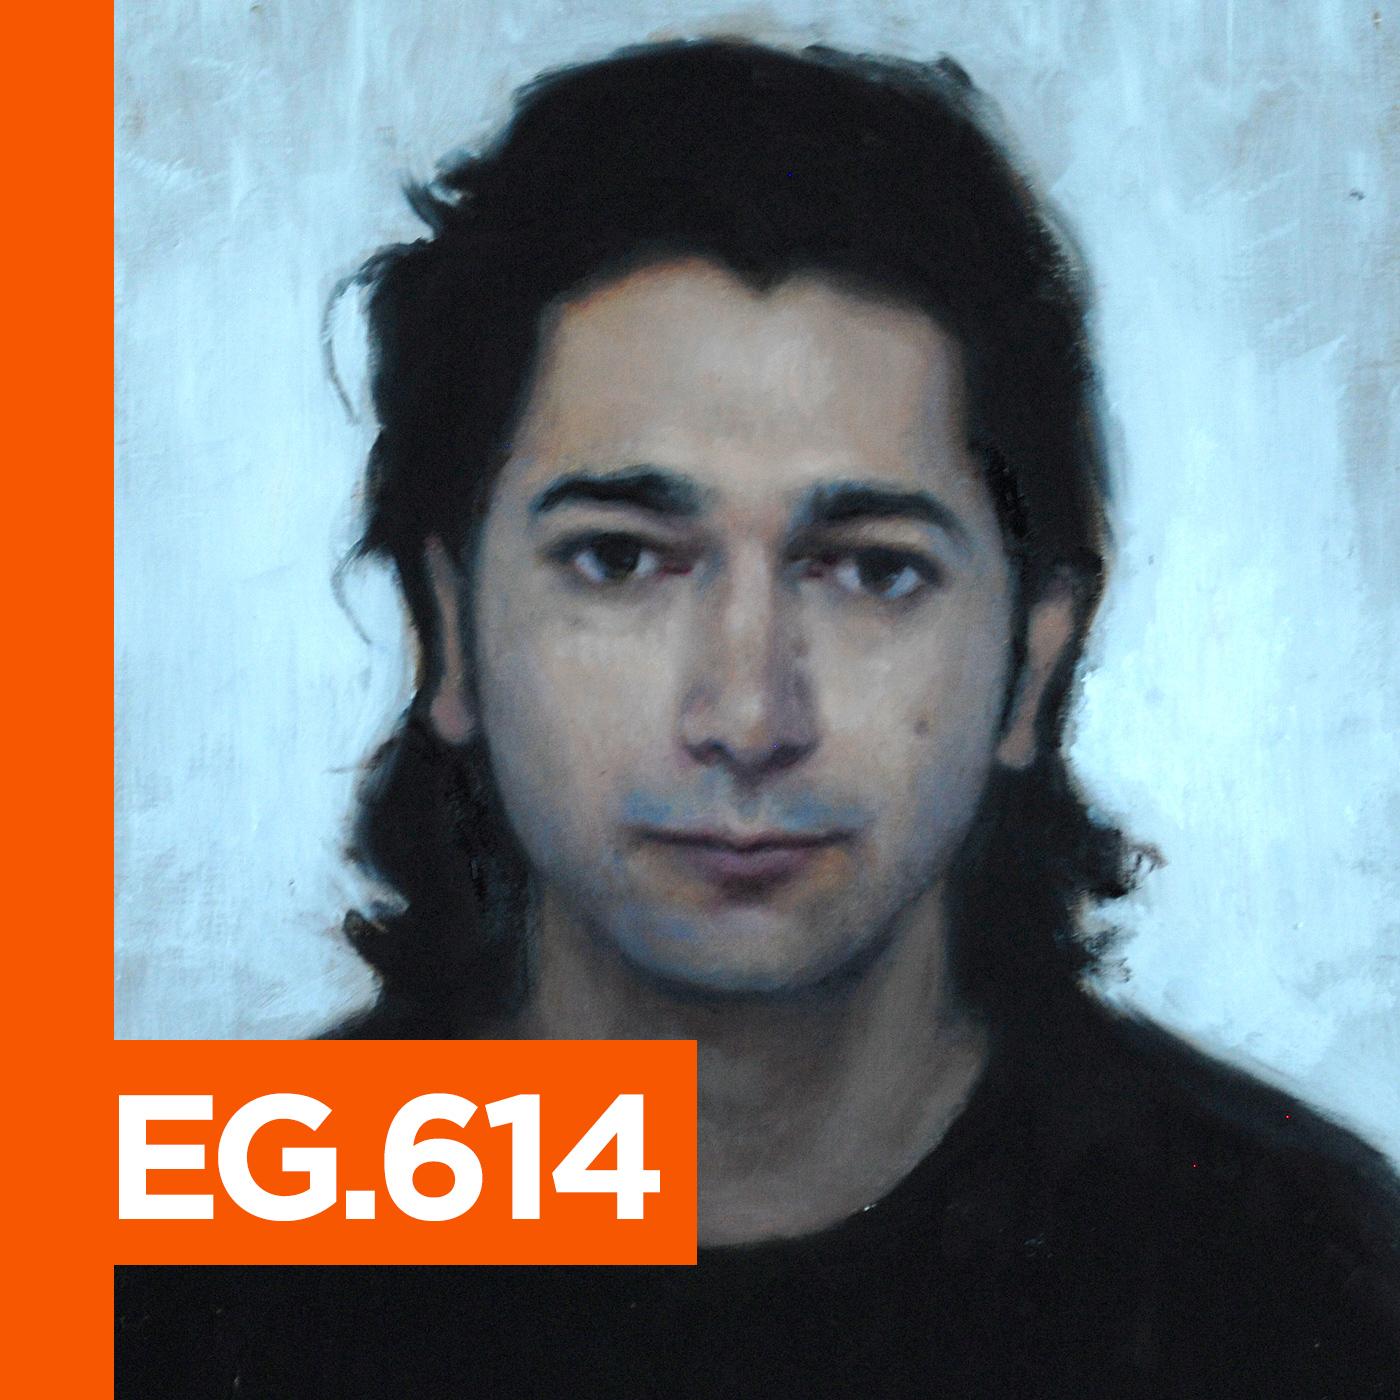 EG.614 Talal